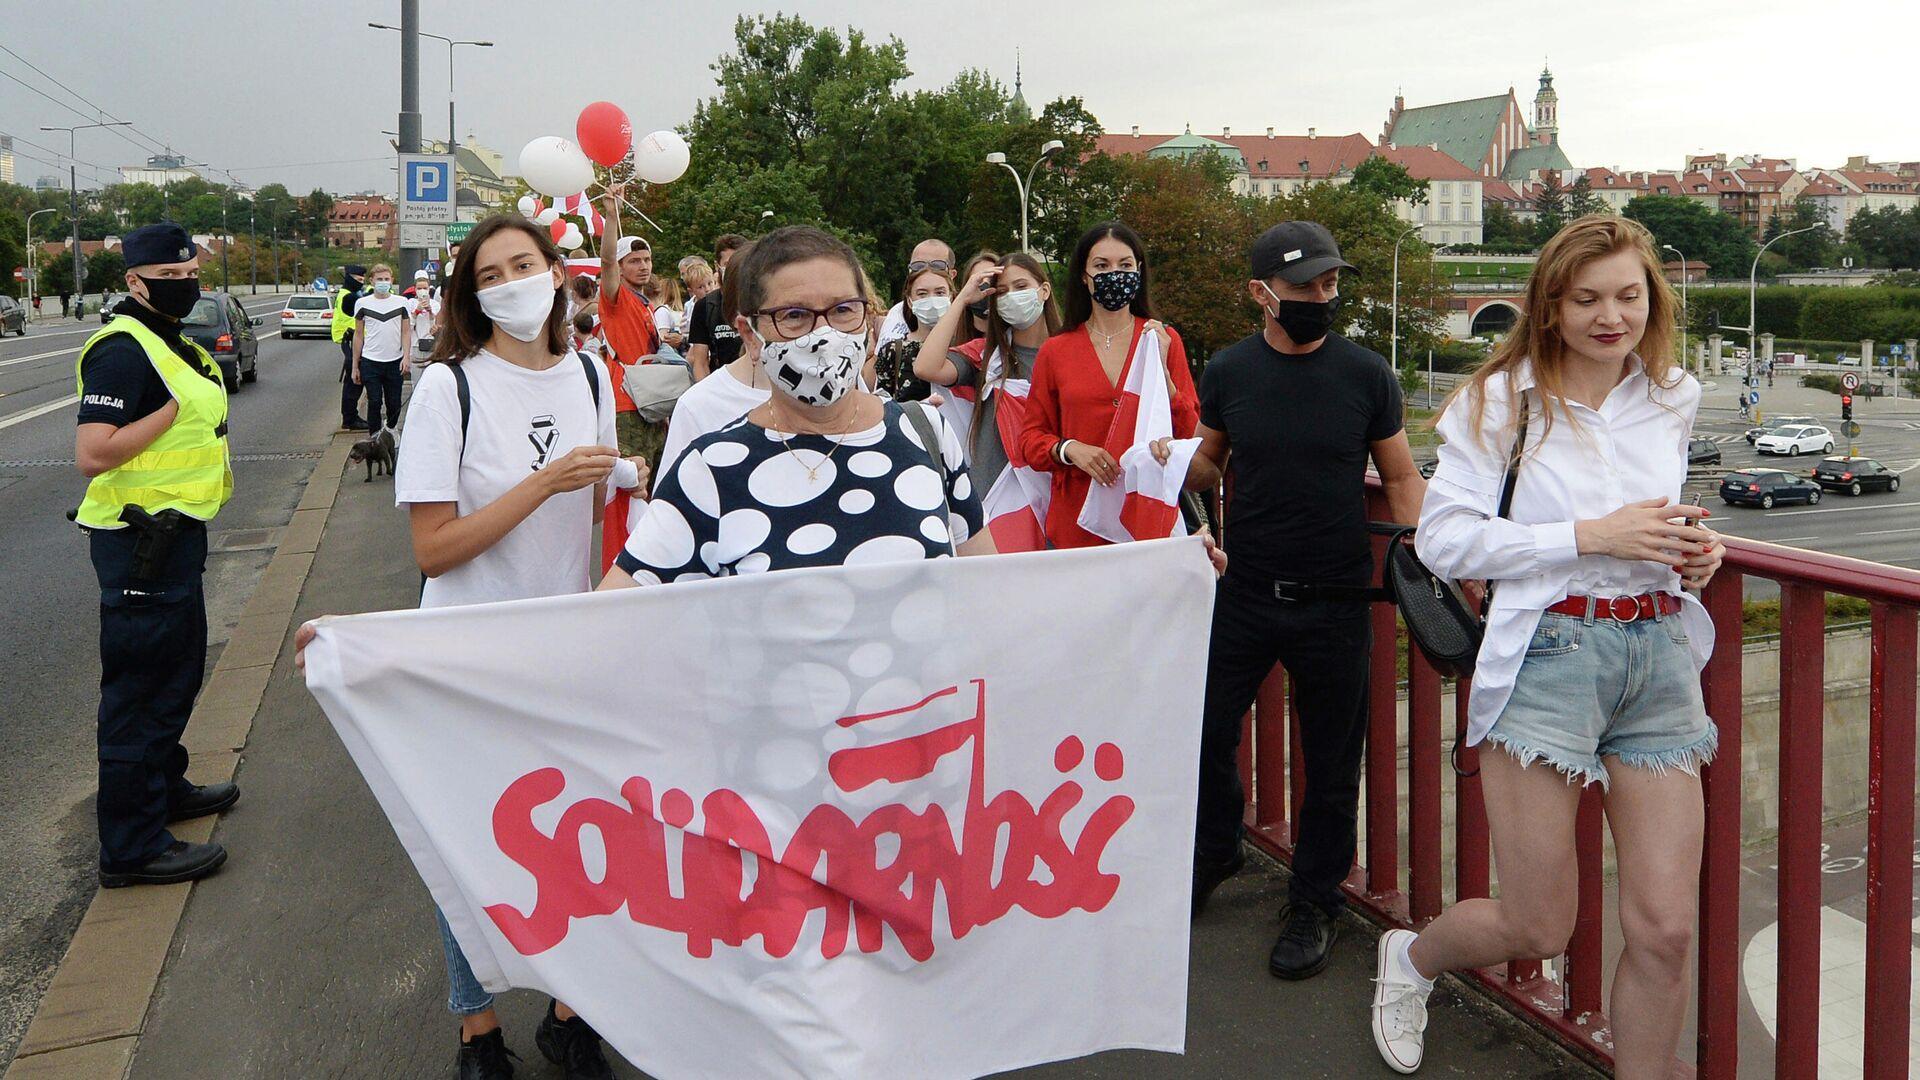 Жители Варшавы на шествии в поддережку протестов в соседней Беларуси  - РИА Новости, 1920, 28.08.2020